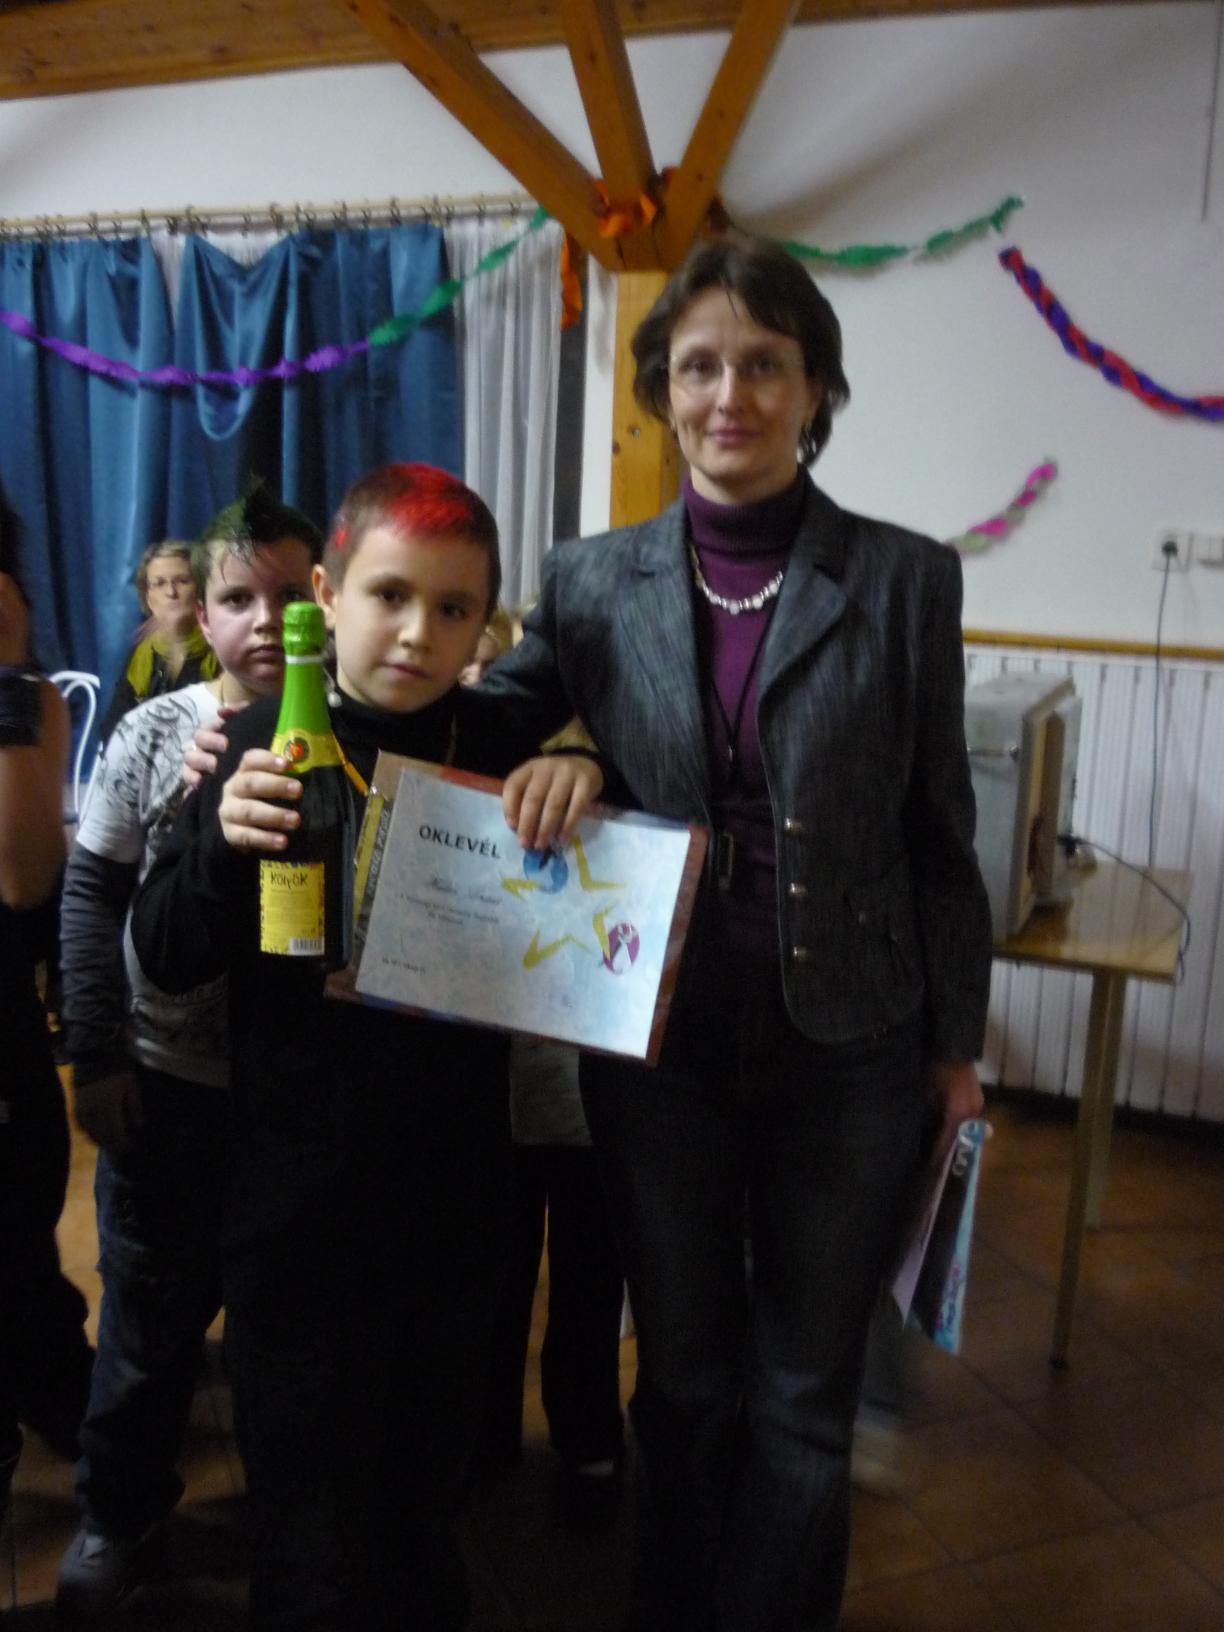 Táncverseny fiú nyertese: Halász Lóránt